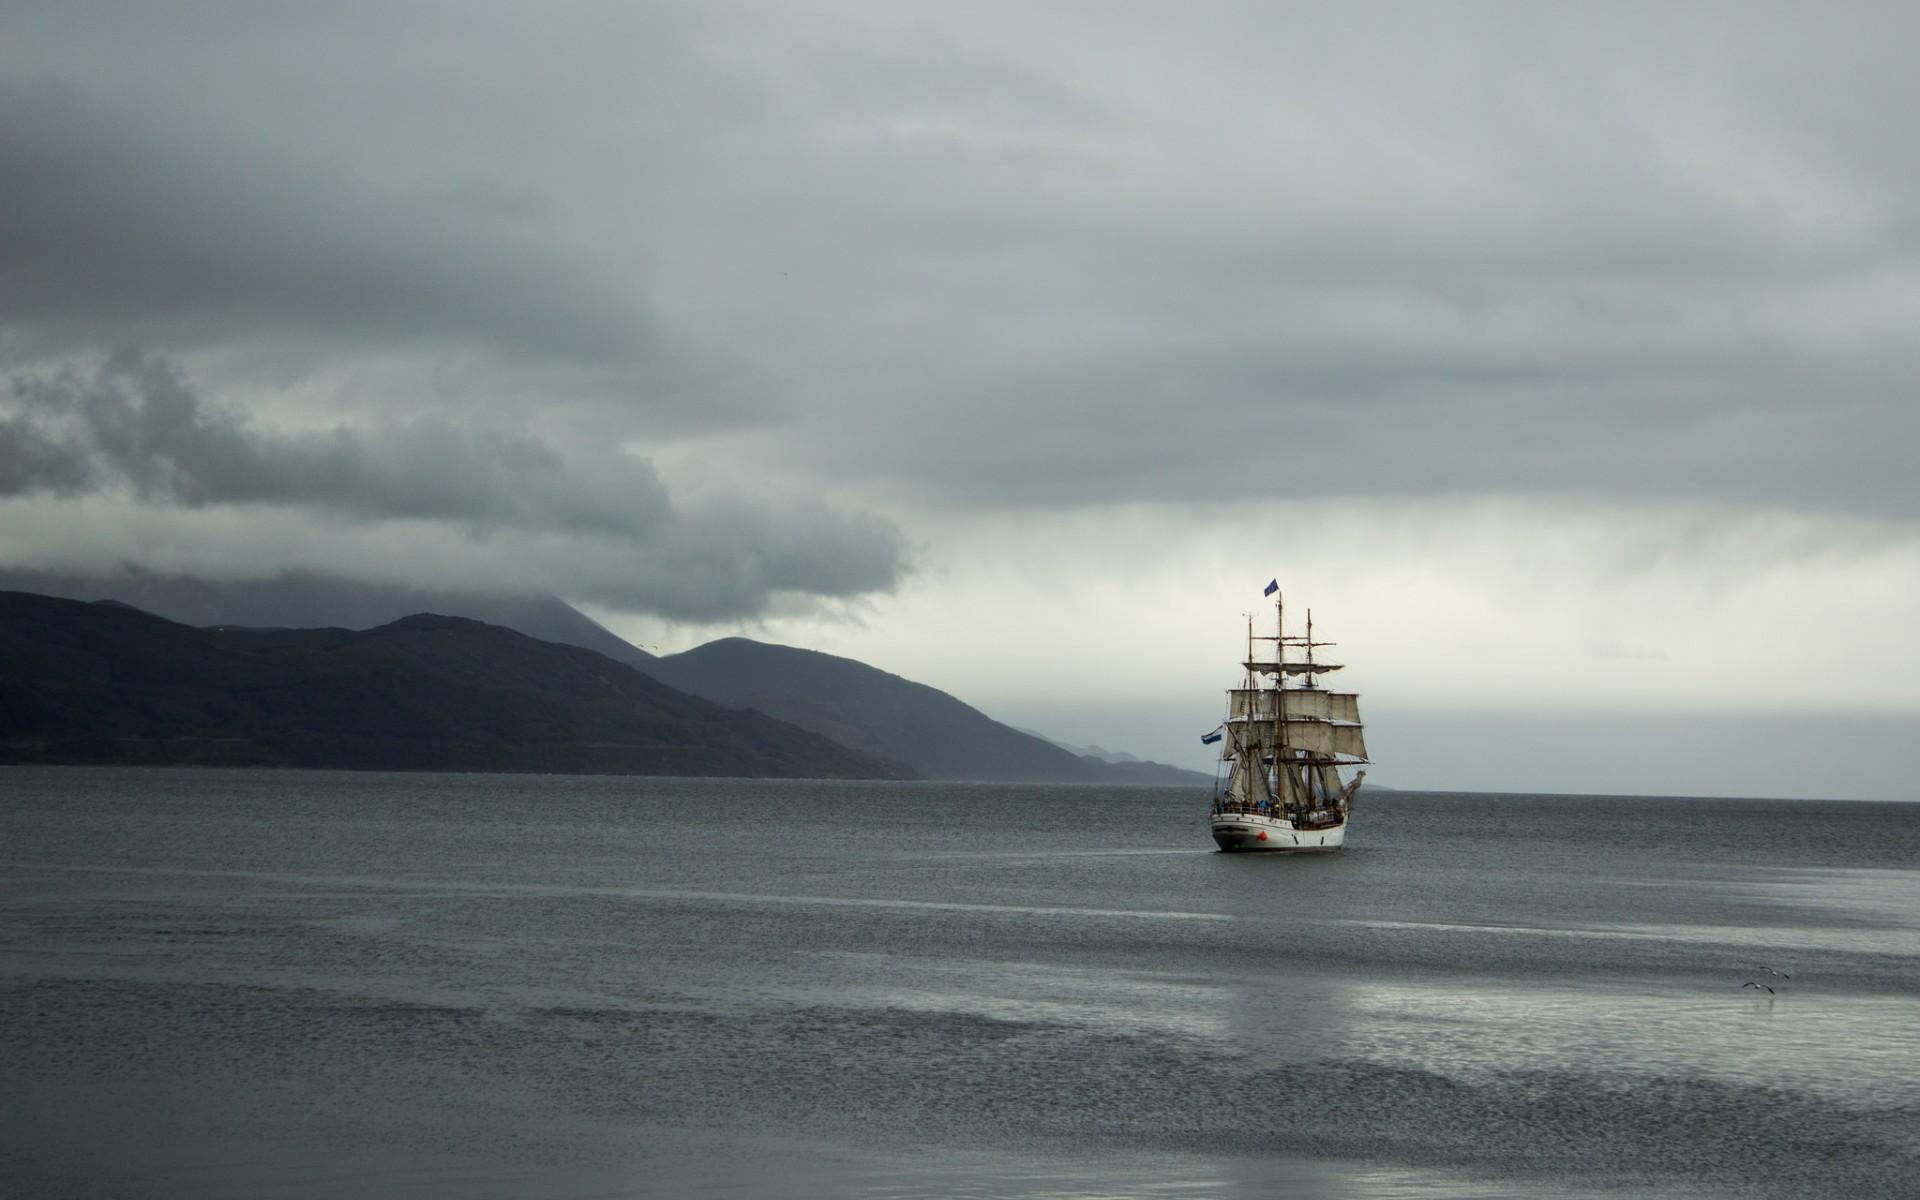 корабль, парусник, порт